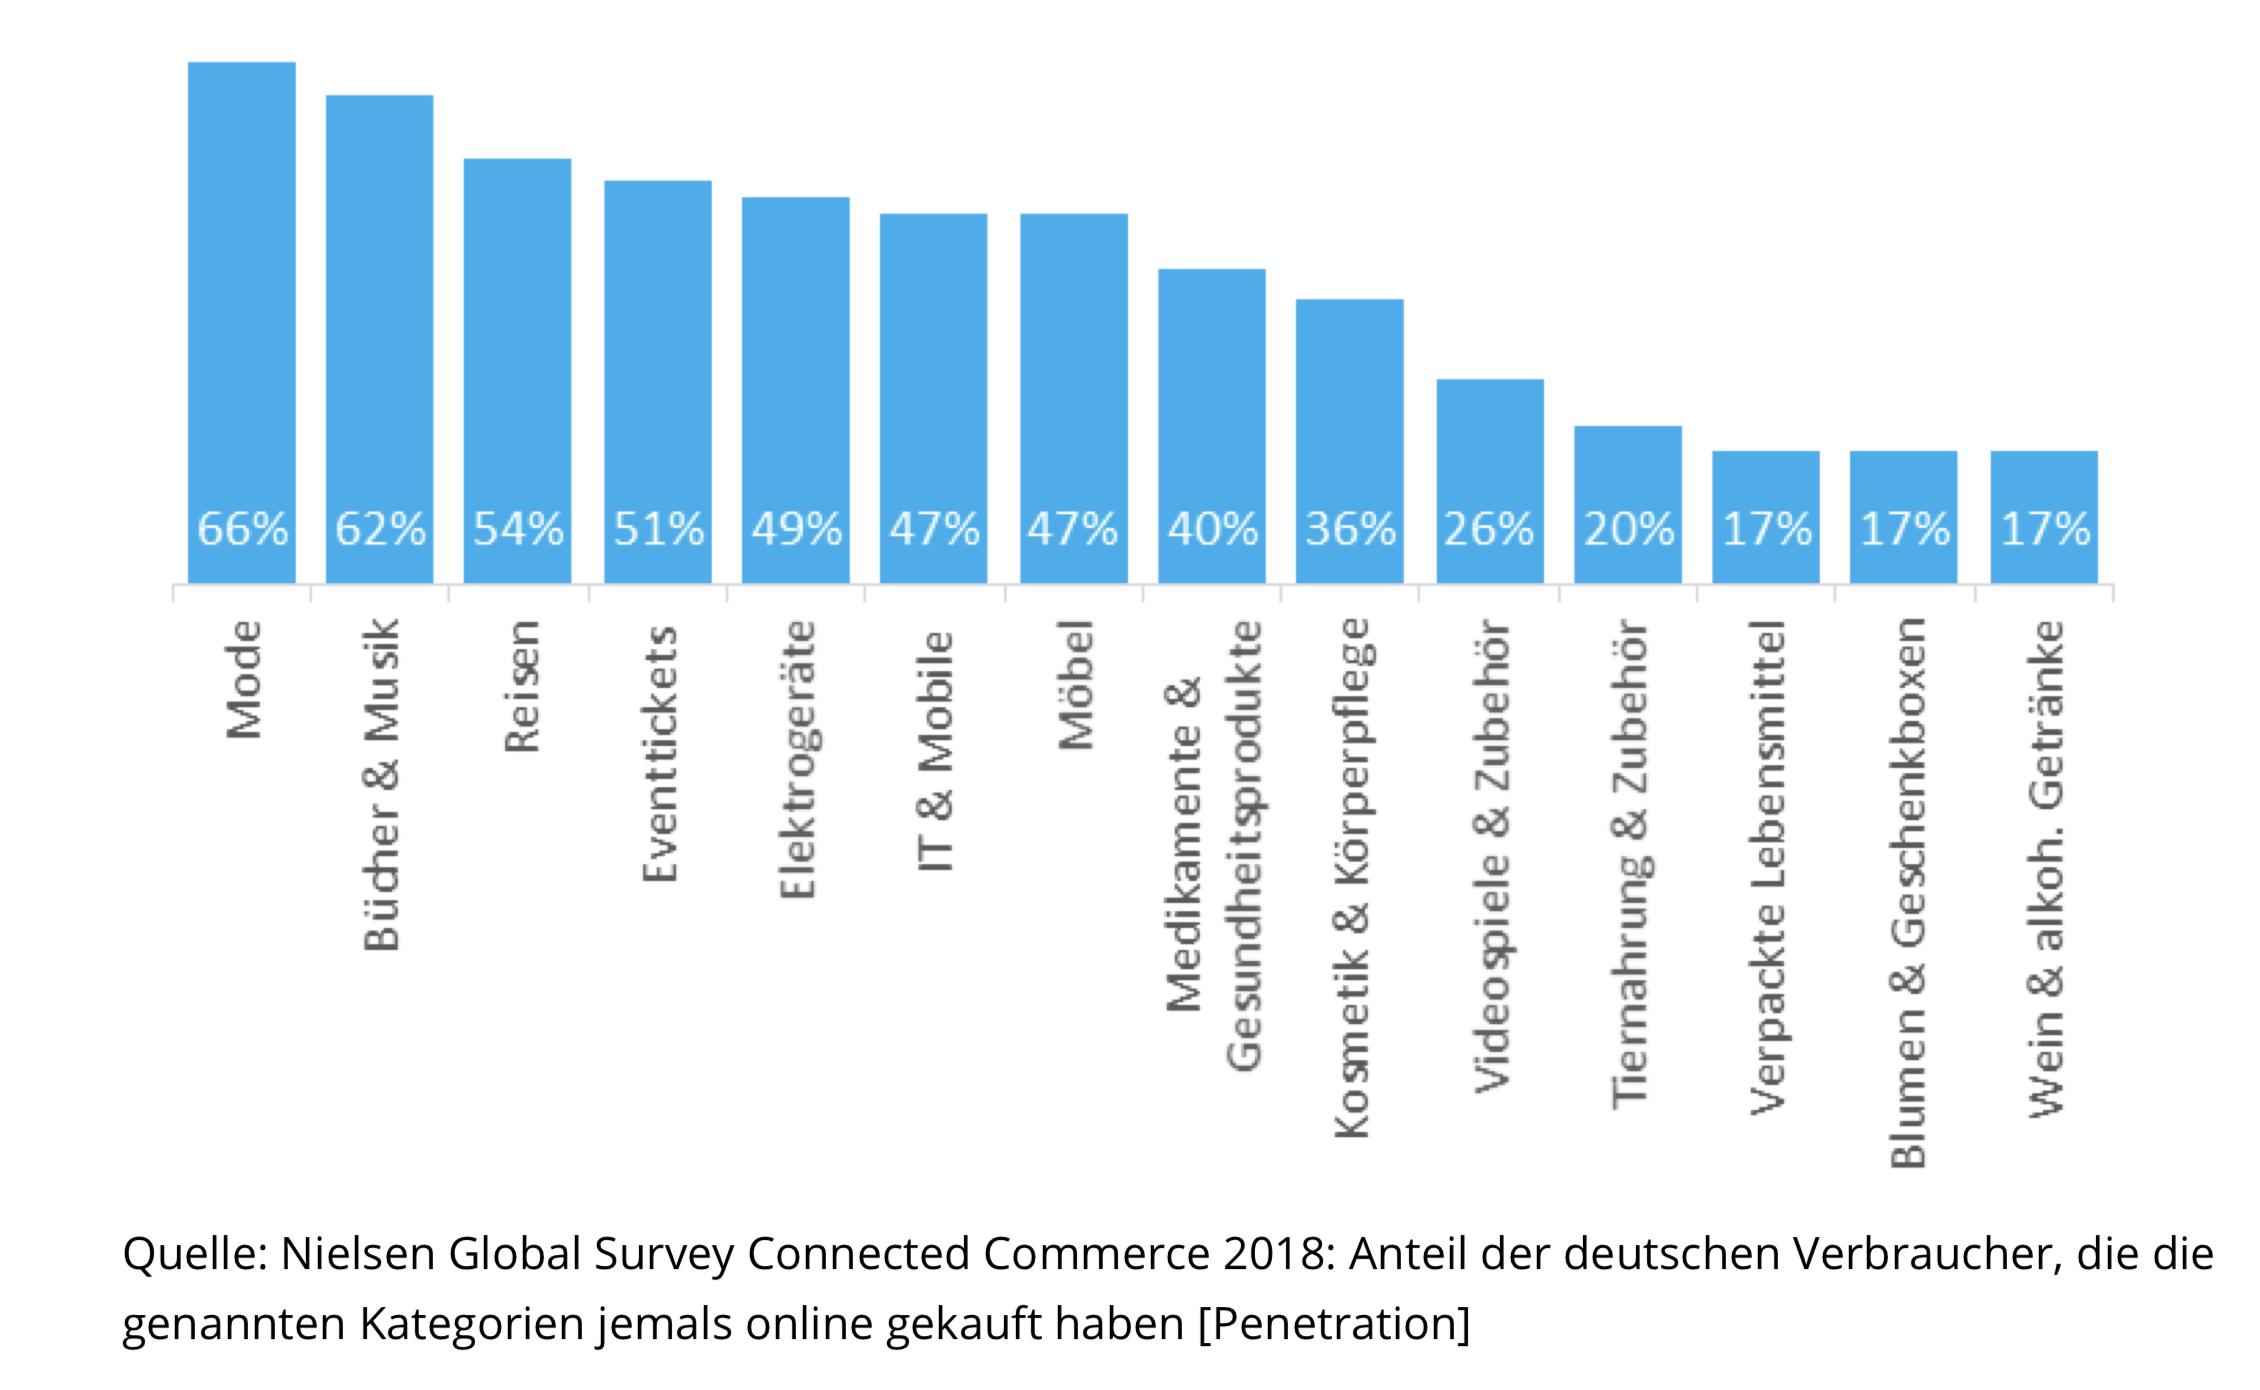 Nielsen-Grafik der Kategorien im Onlinekauf